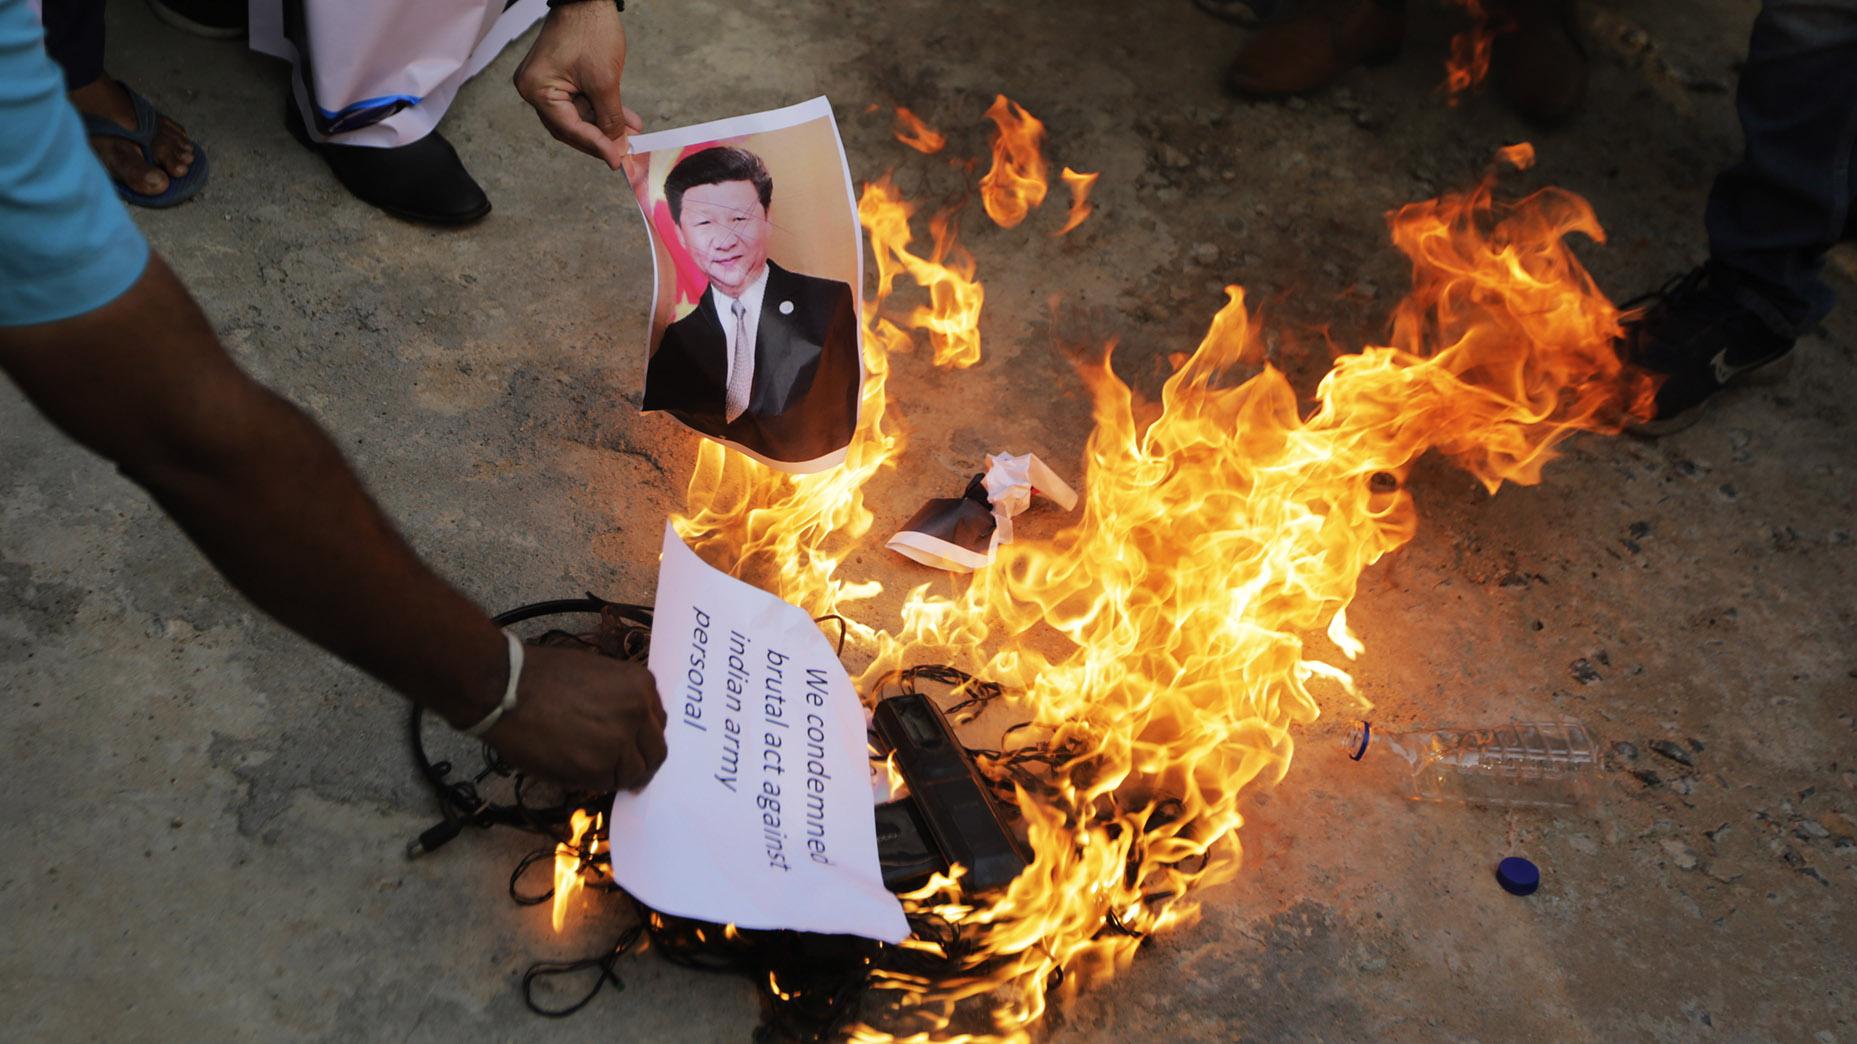 印度民众在抗议中点燃习近平的画像。(美联社资料图片)